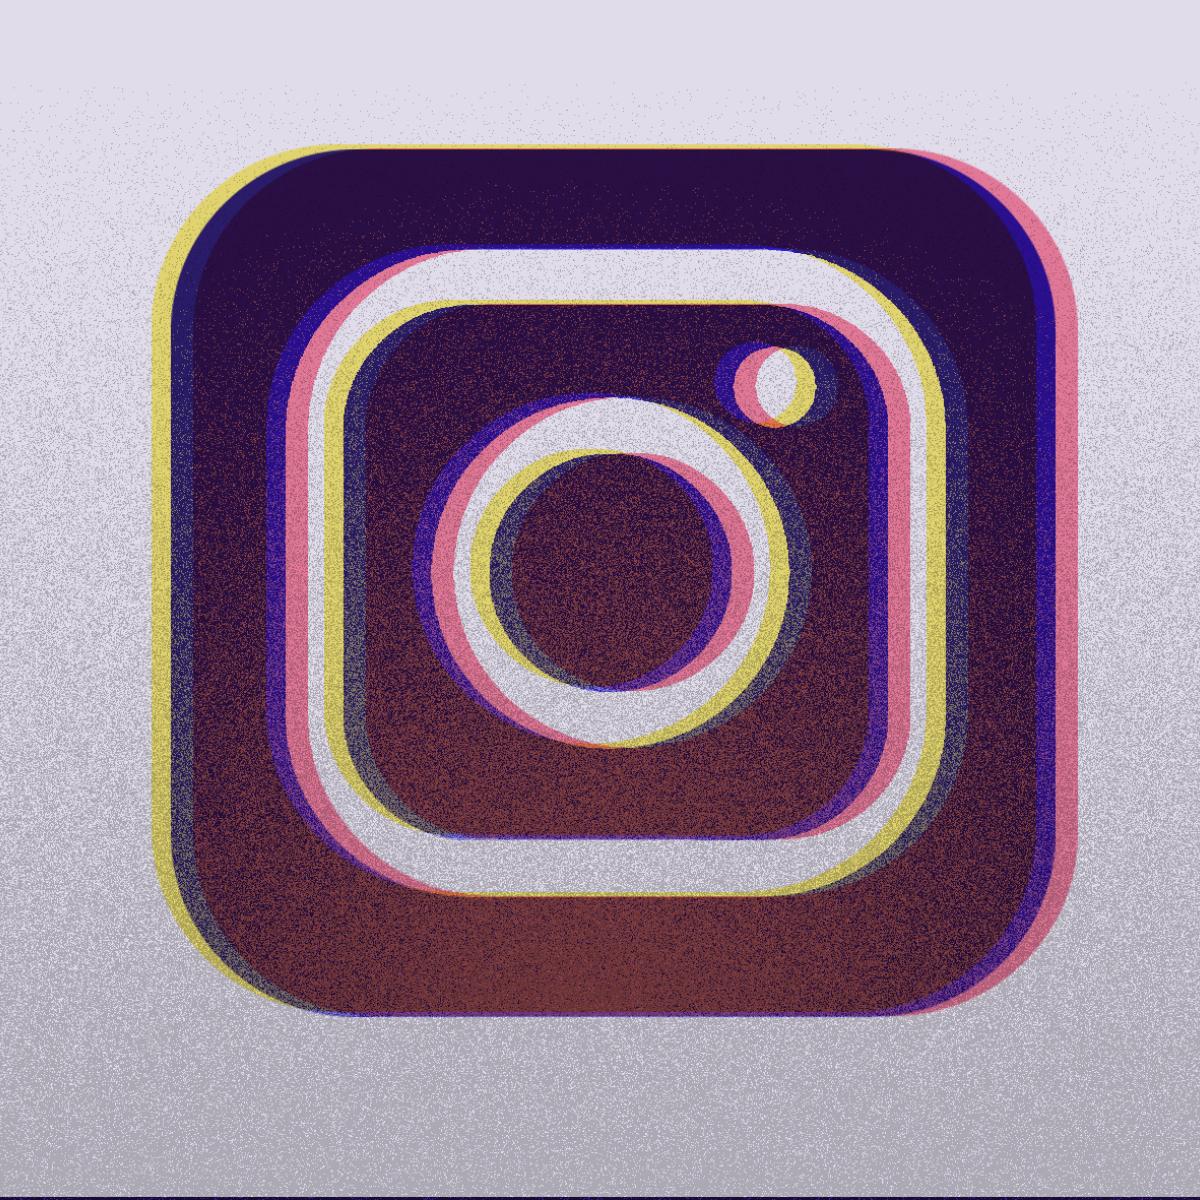 Фото Лионеля Месси установило исторический рекорд в Instagram